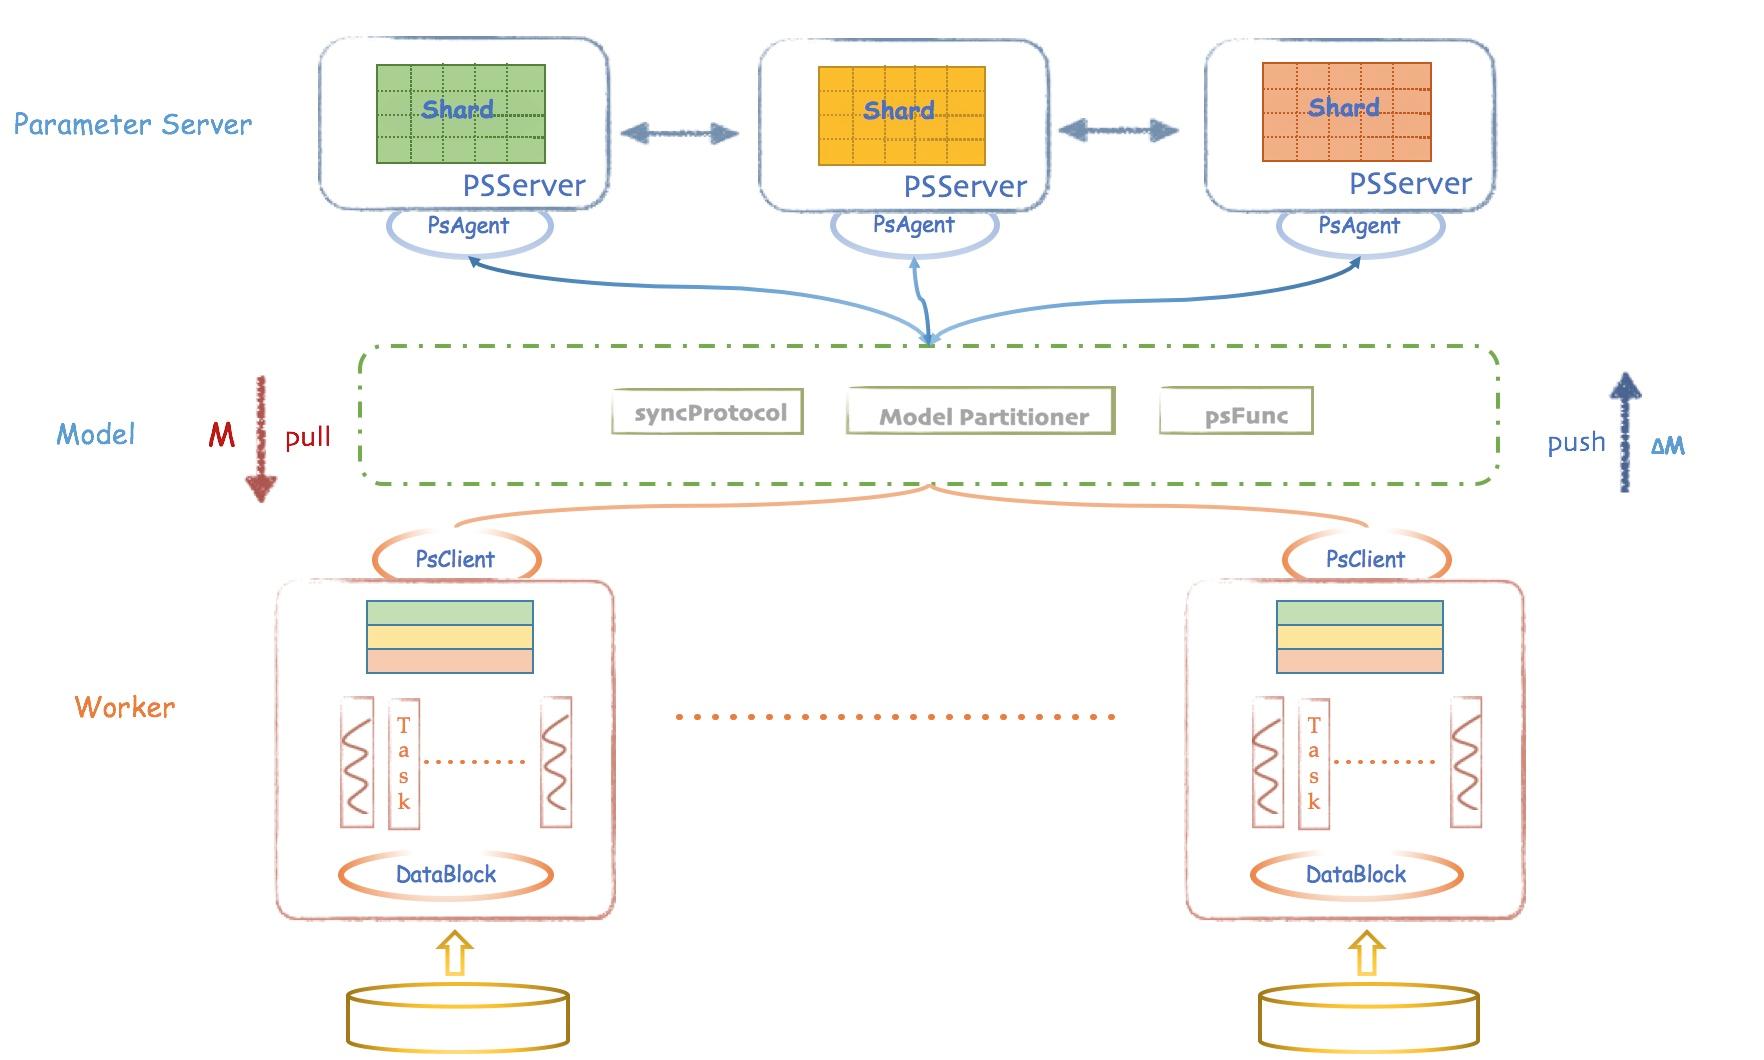 基于参数服务器理念的机器学习框架 Angel